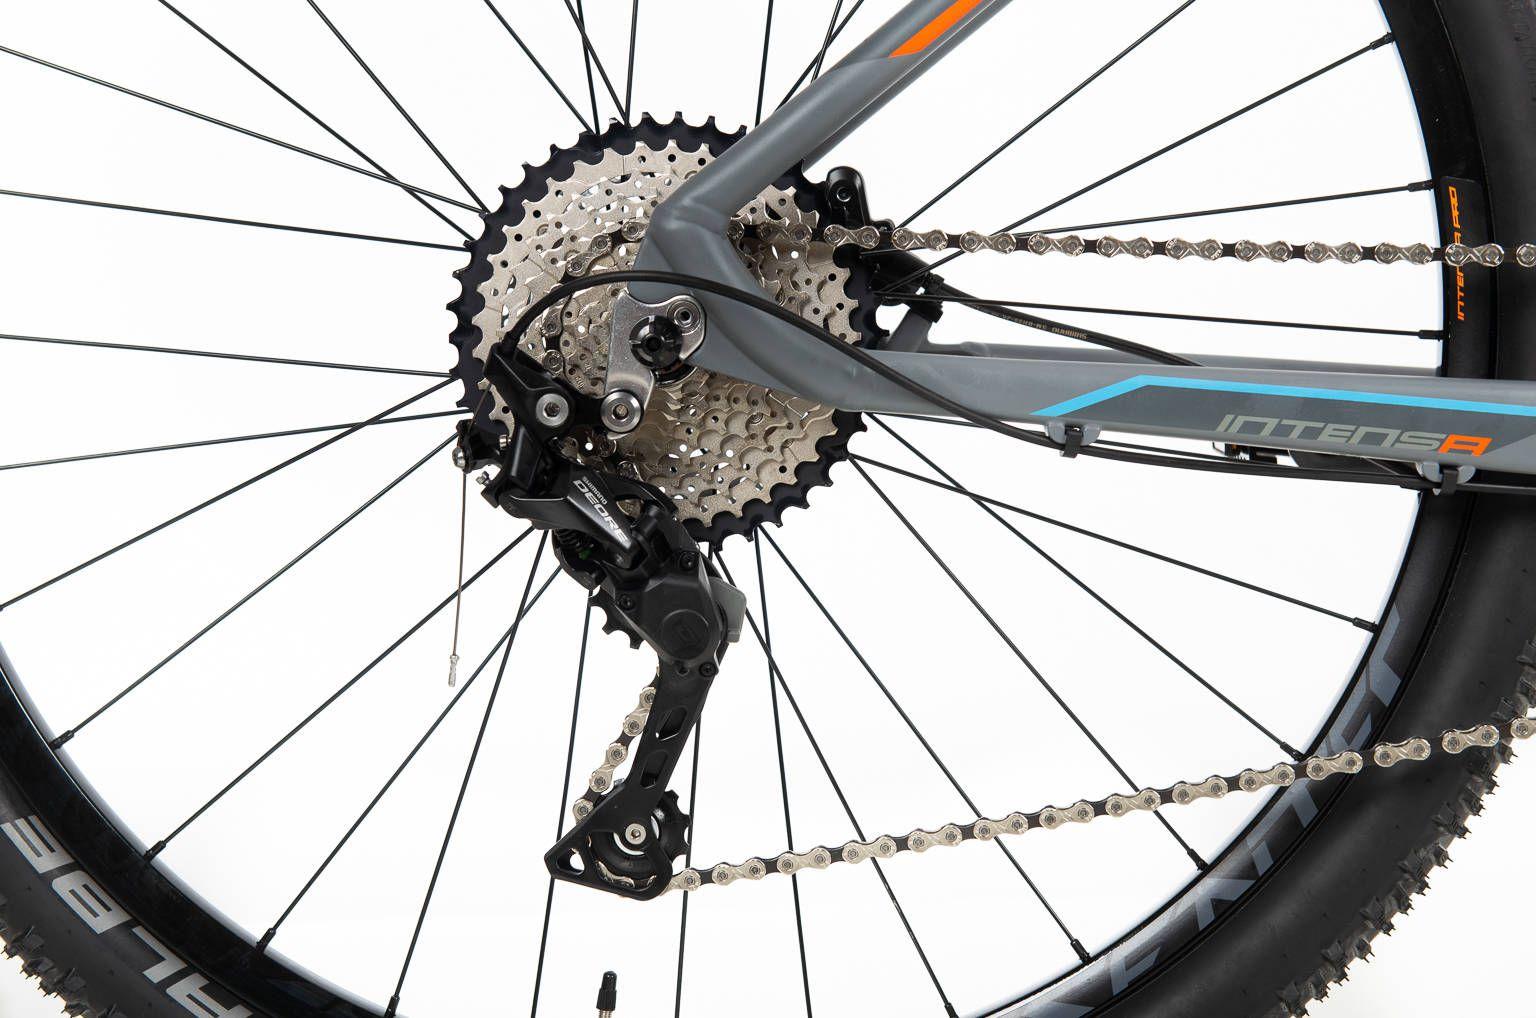 Bicicleta SENSE Intensa Pro 2020 - Chumbo/Laranja/Acqua